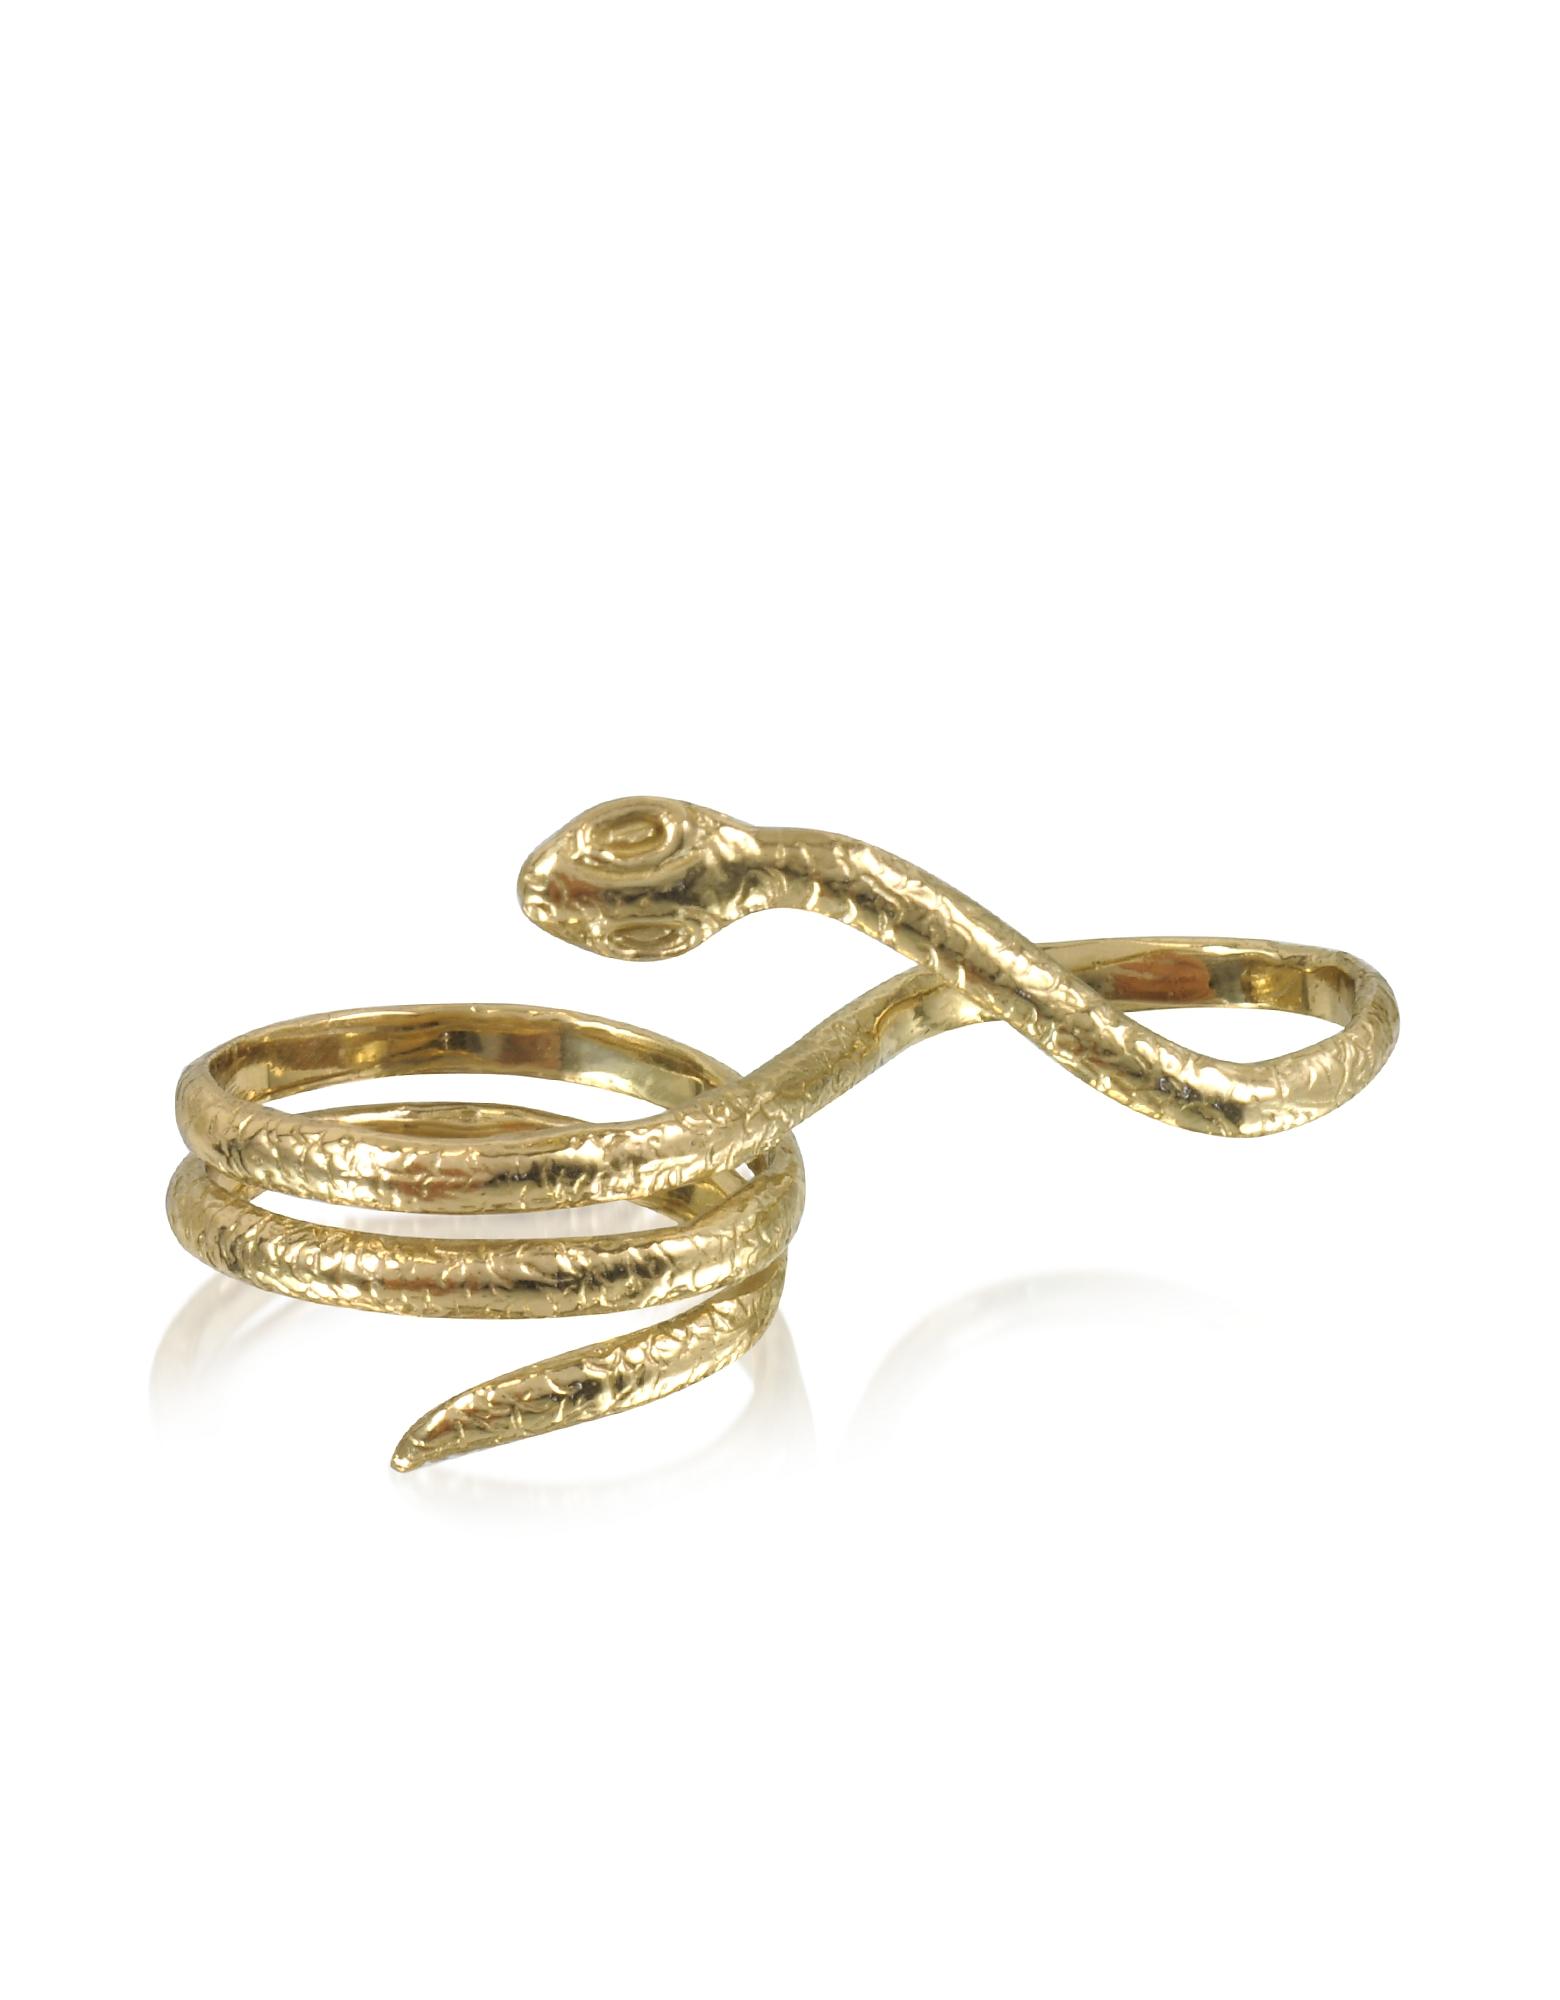 Bernard Delettrez Rings, Two Fingers Bronze Ring w/3 Laps Snake